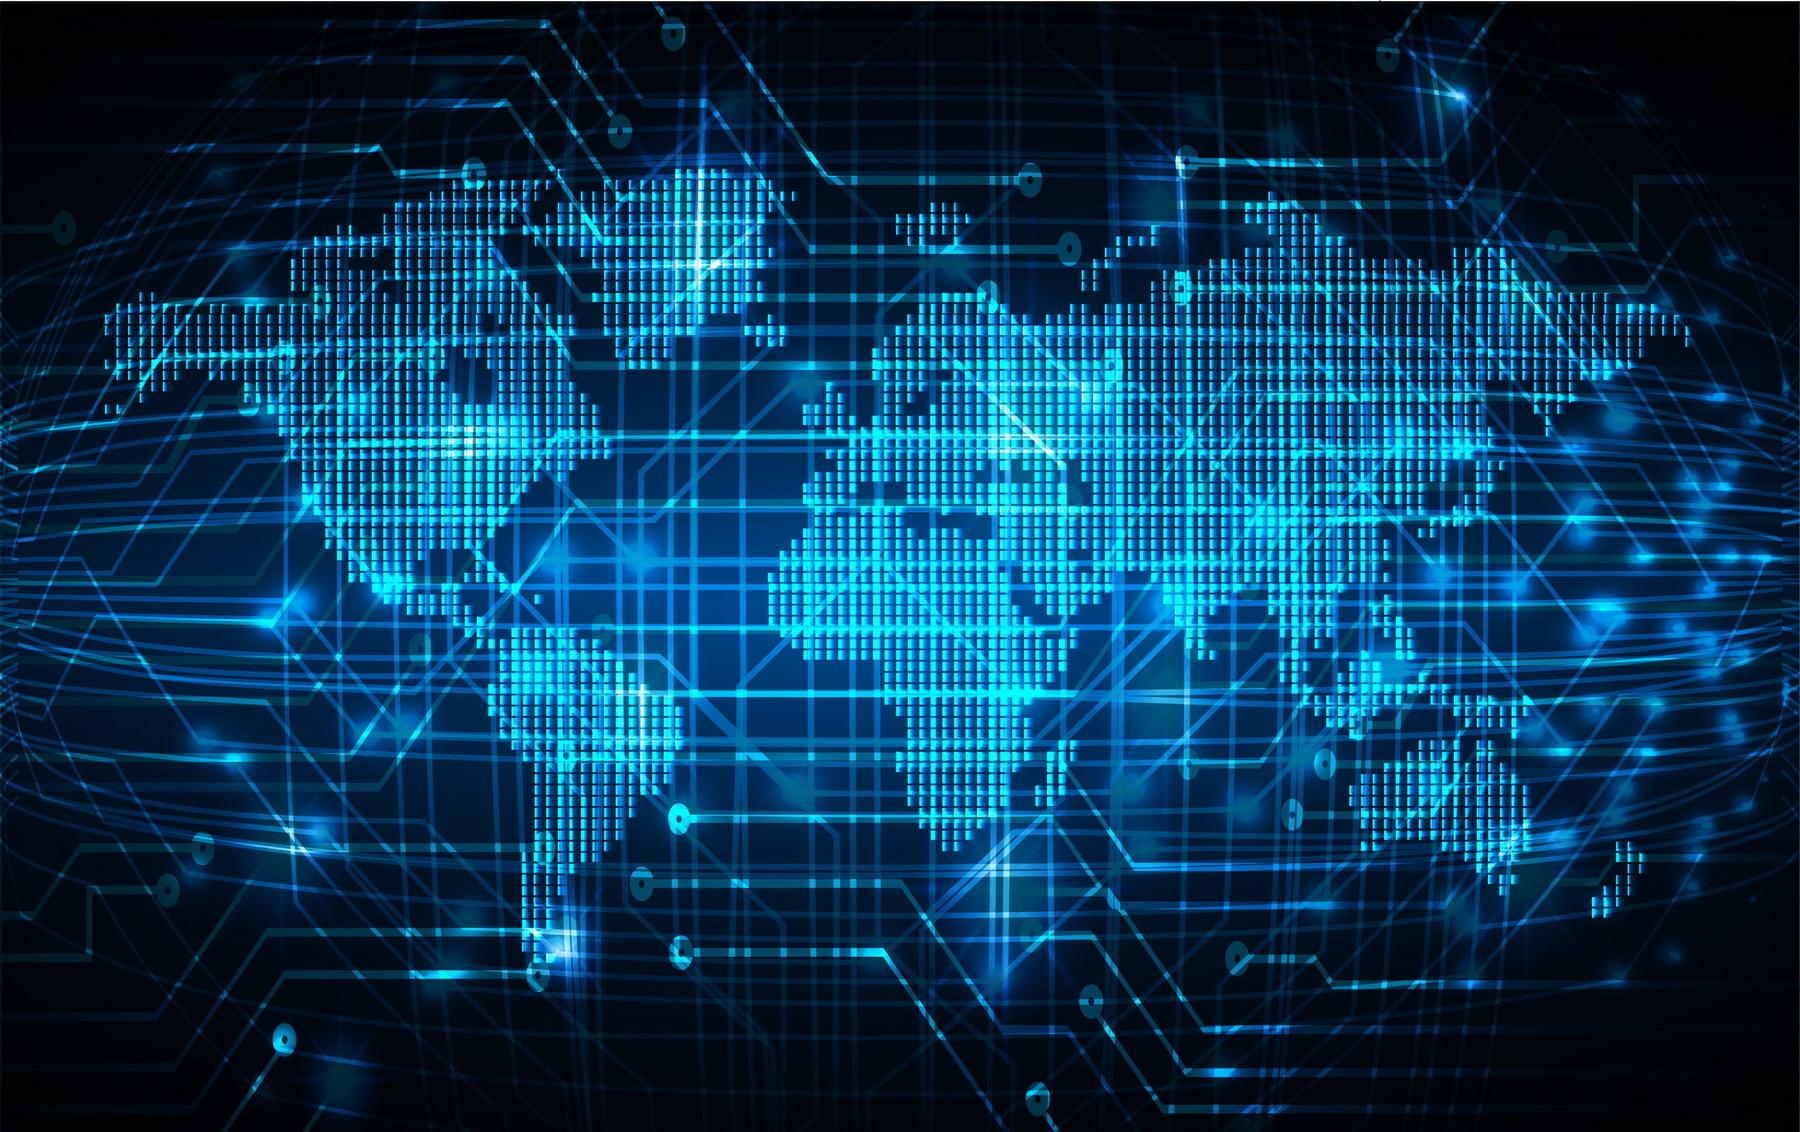 Криптовалютный майнер CoinMiner распространяется посредством EternalBlue и WMI